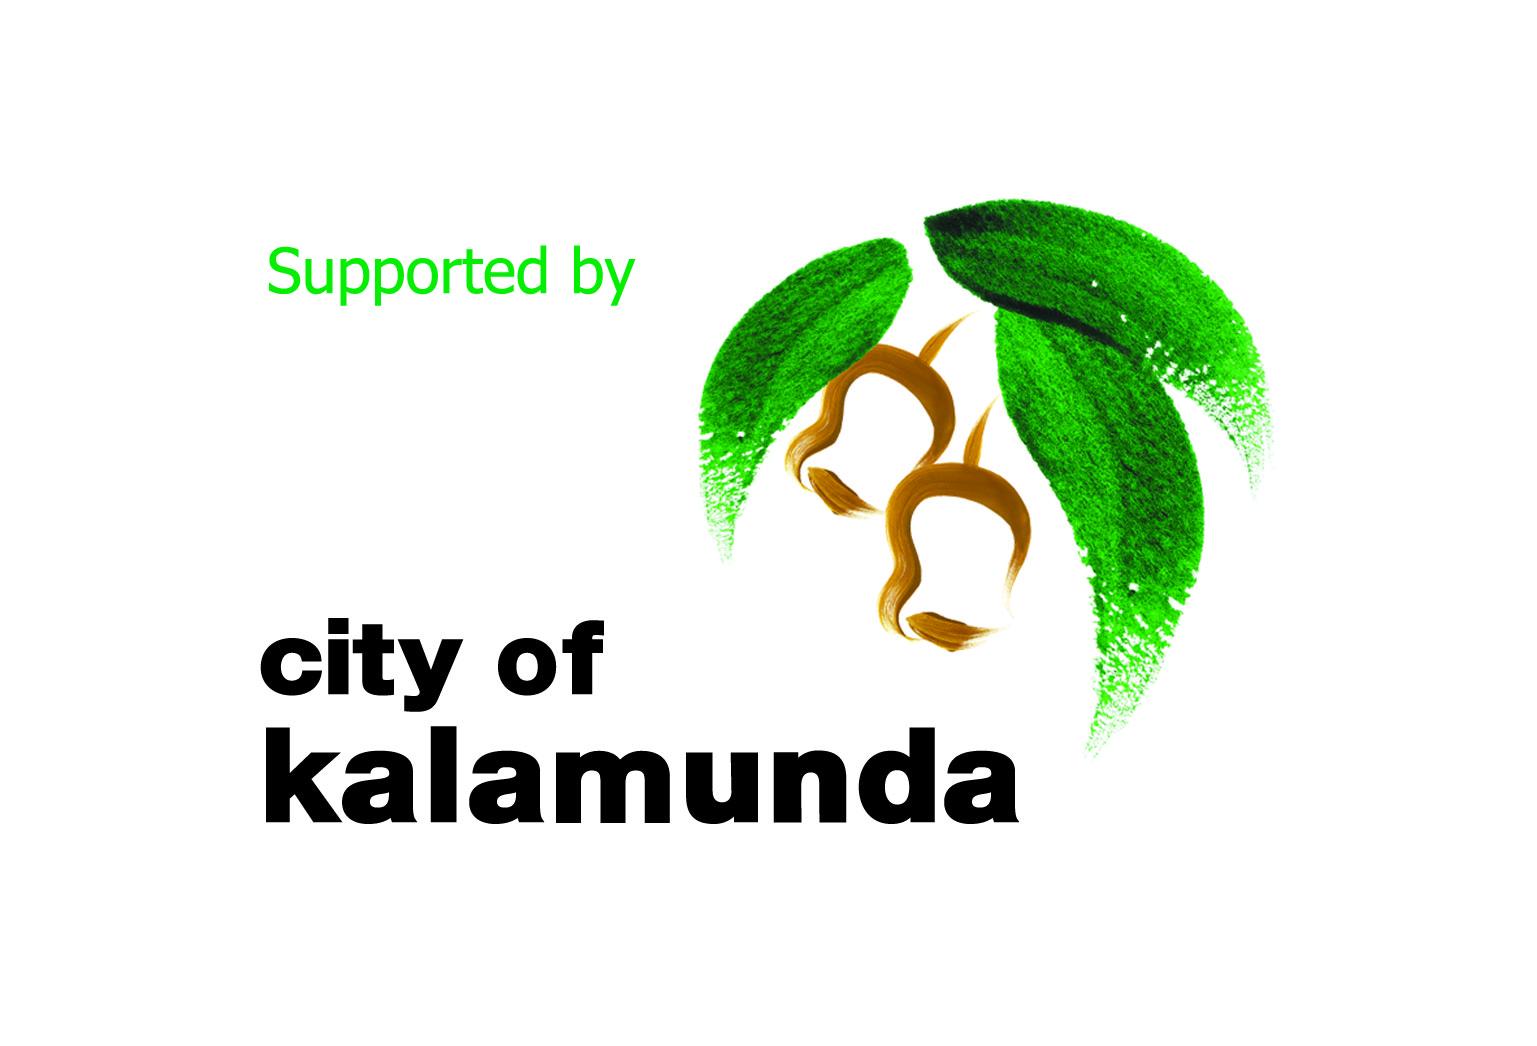 City_of_Kalamunda_logoCMYK(100x70)  supported by.jpg